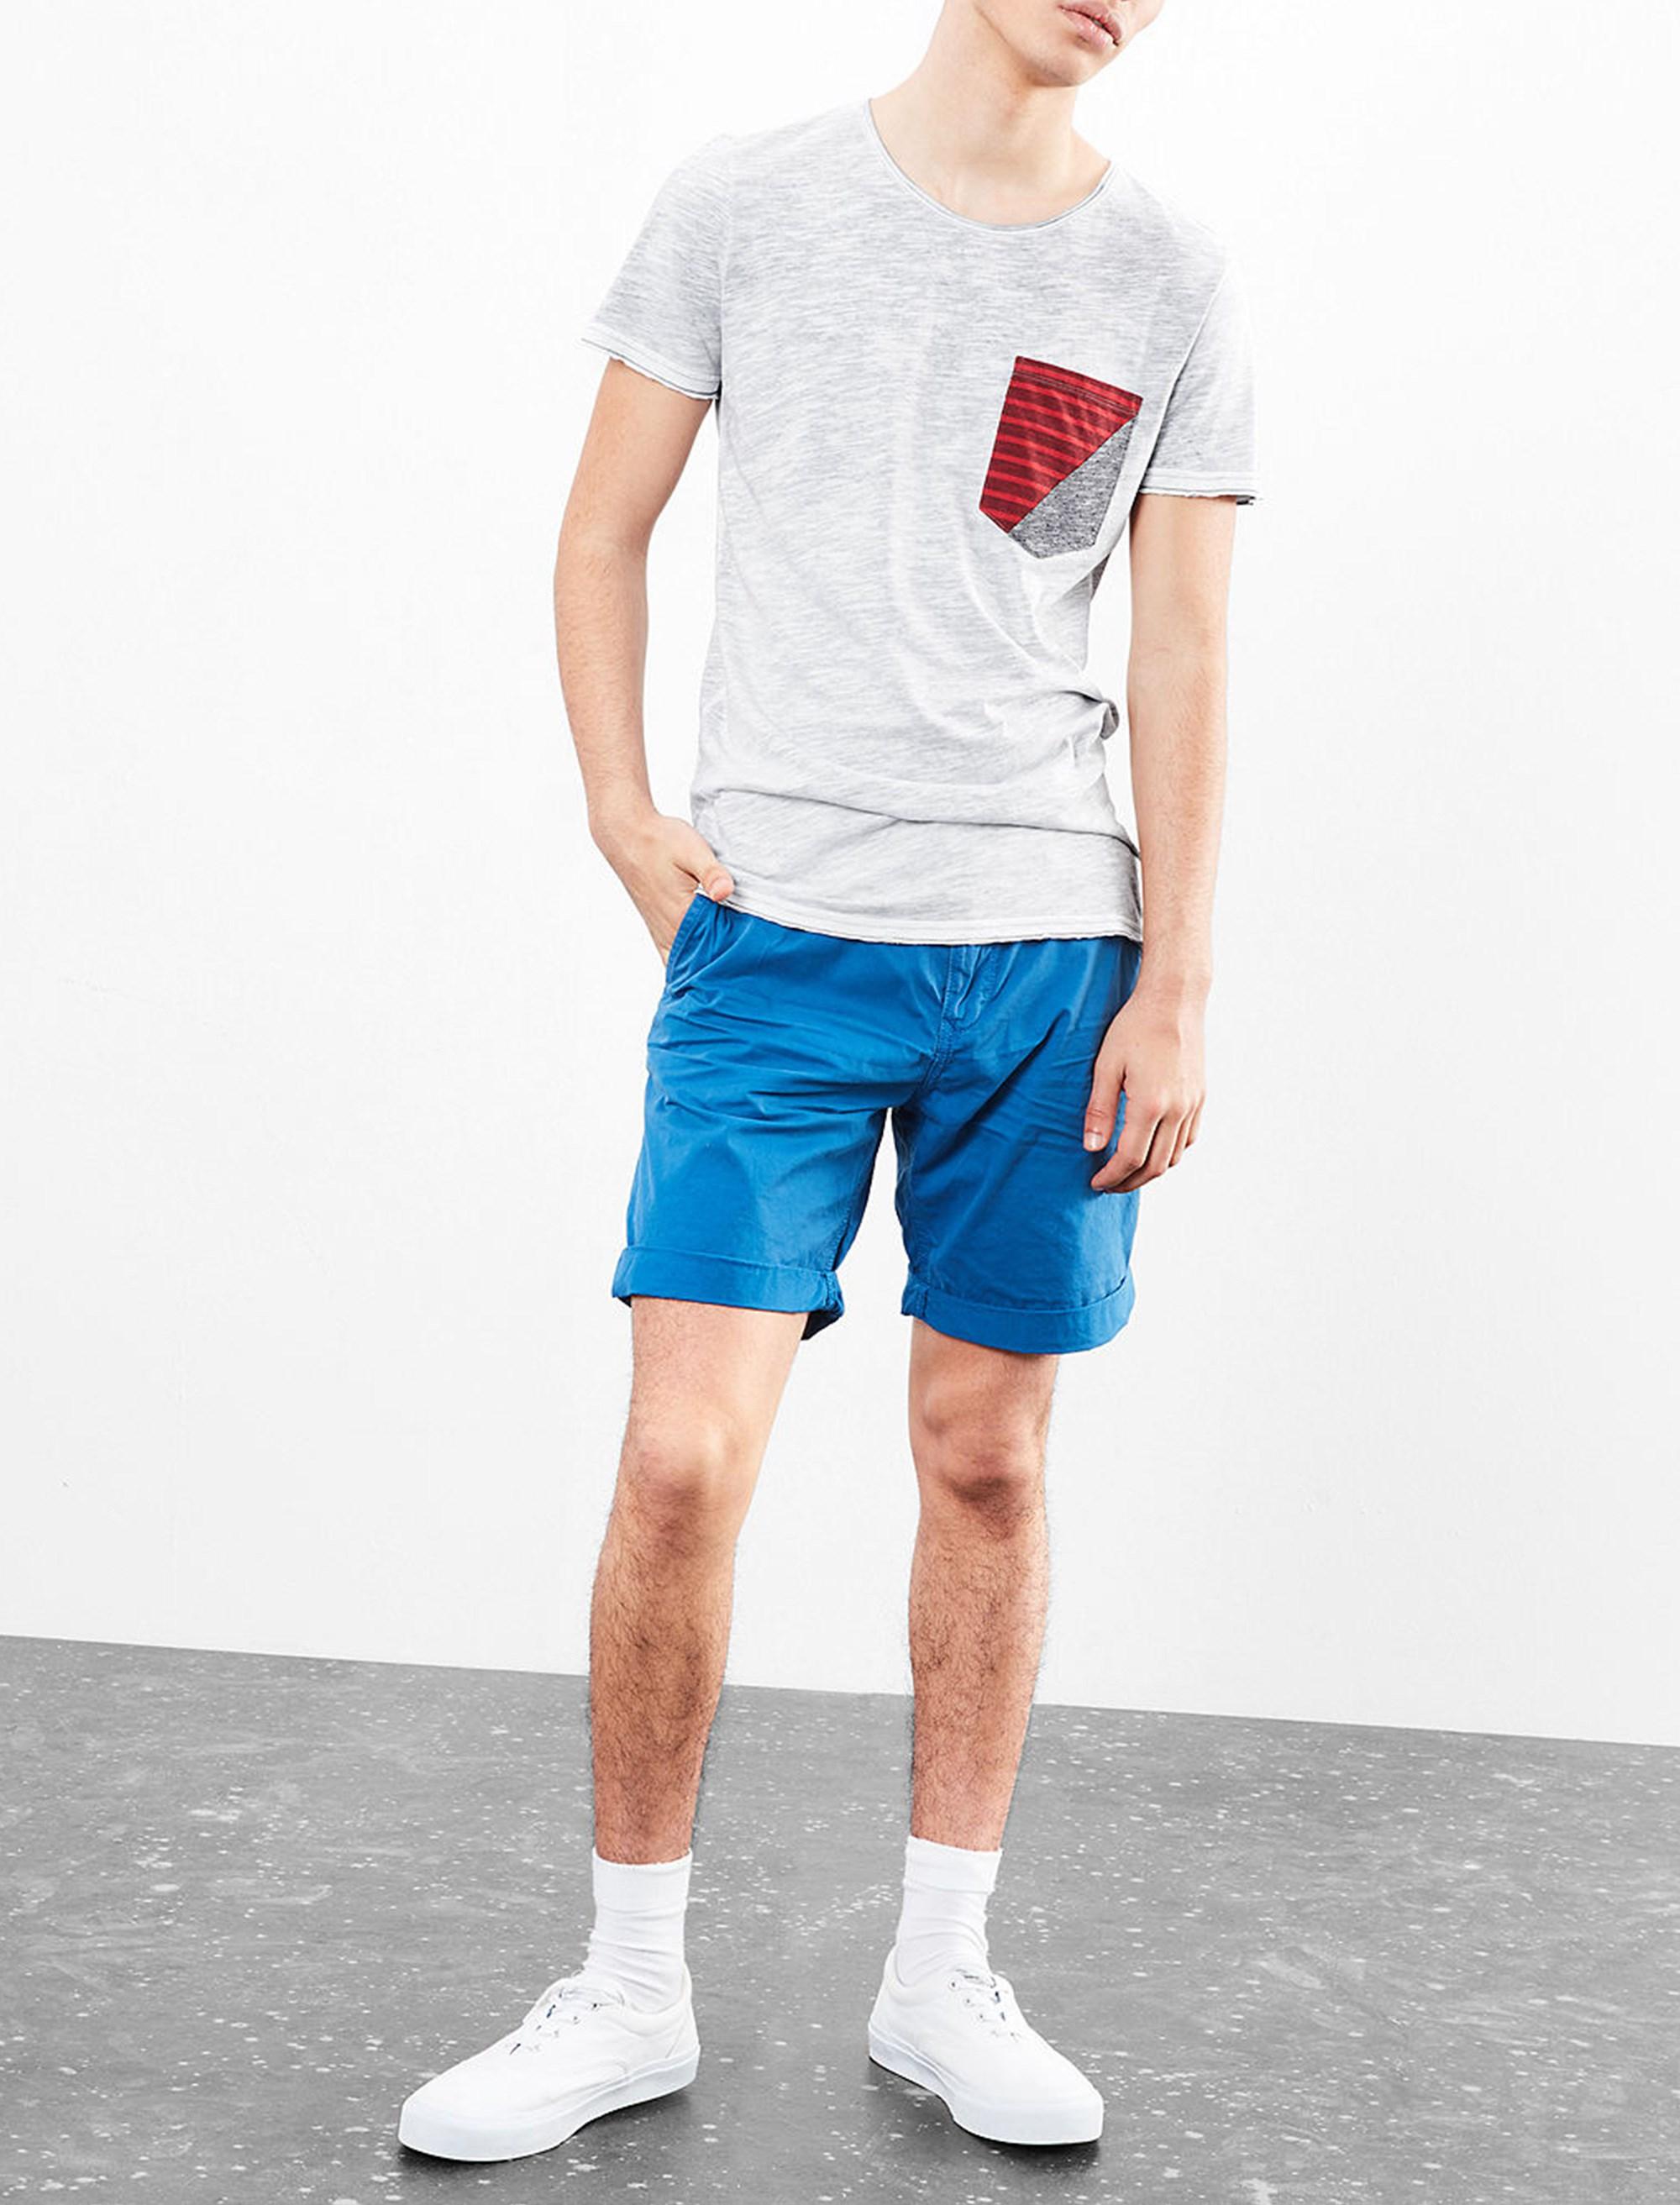 تی شرت نخی یقه گرد مردانه - اس.اولیور - طوسي قرمز - 2